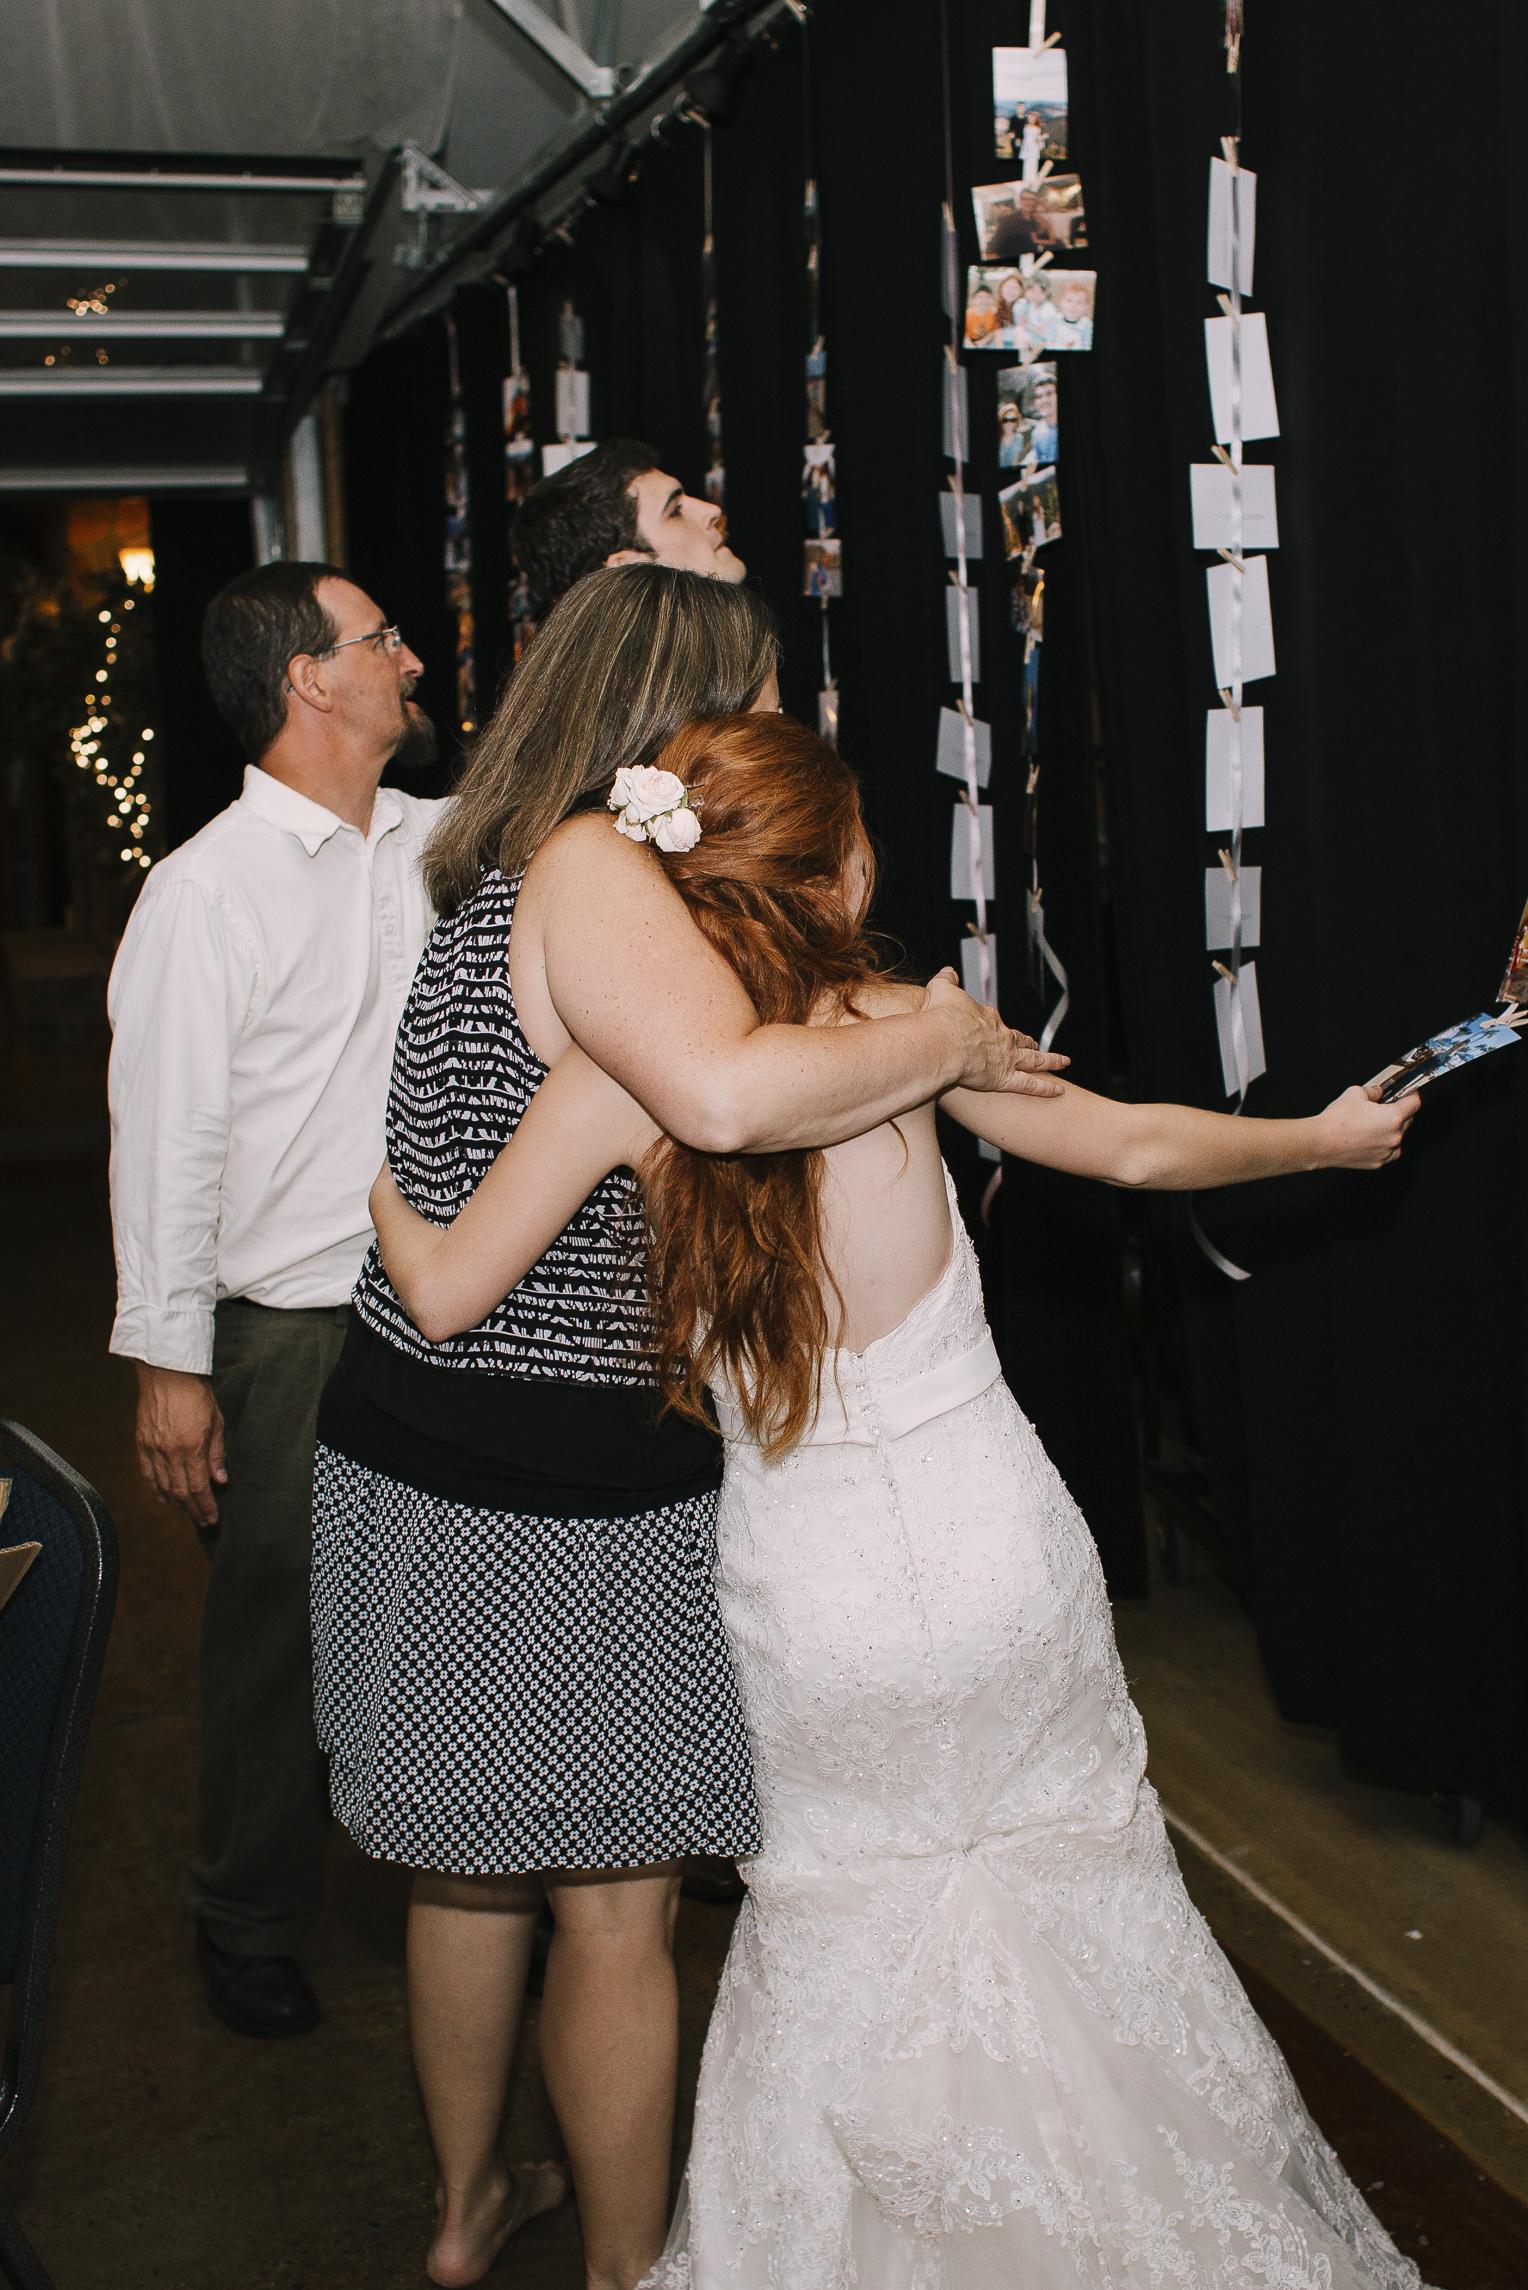 web sized images -- no to print --CALVIN & MCKYLEY WEDDING PHOTOS - COLORADO PHOTOGRAPHER - DEBI RAE PHOTOGRAPHY-2579.jpg